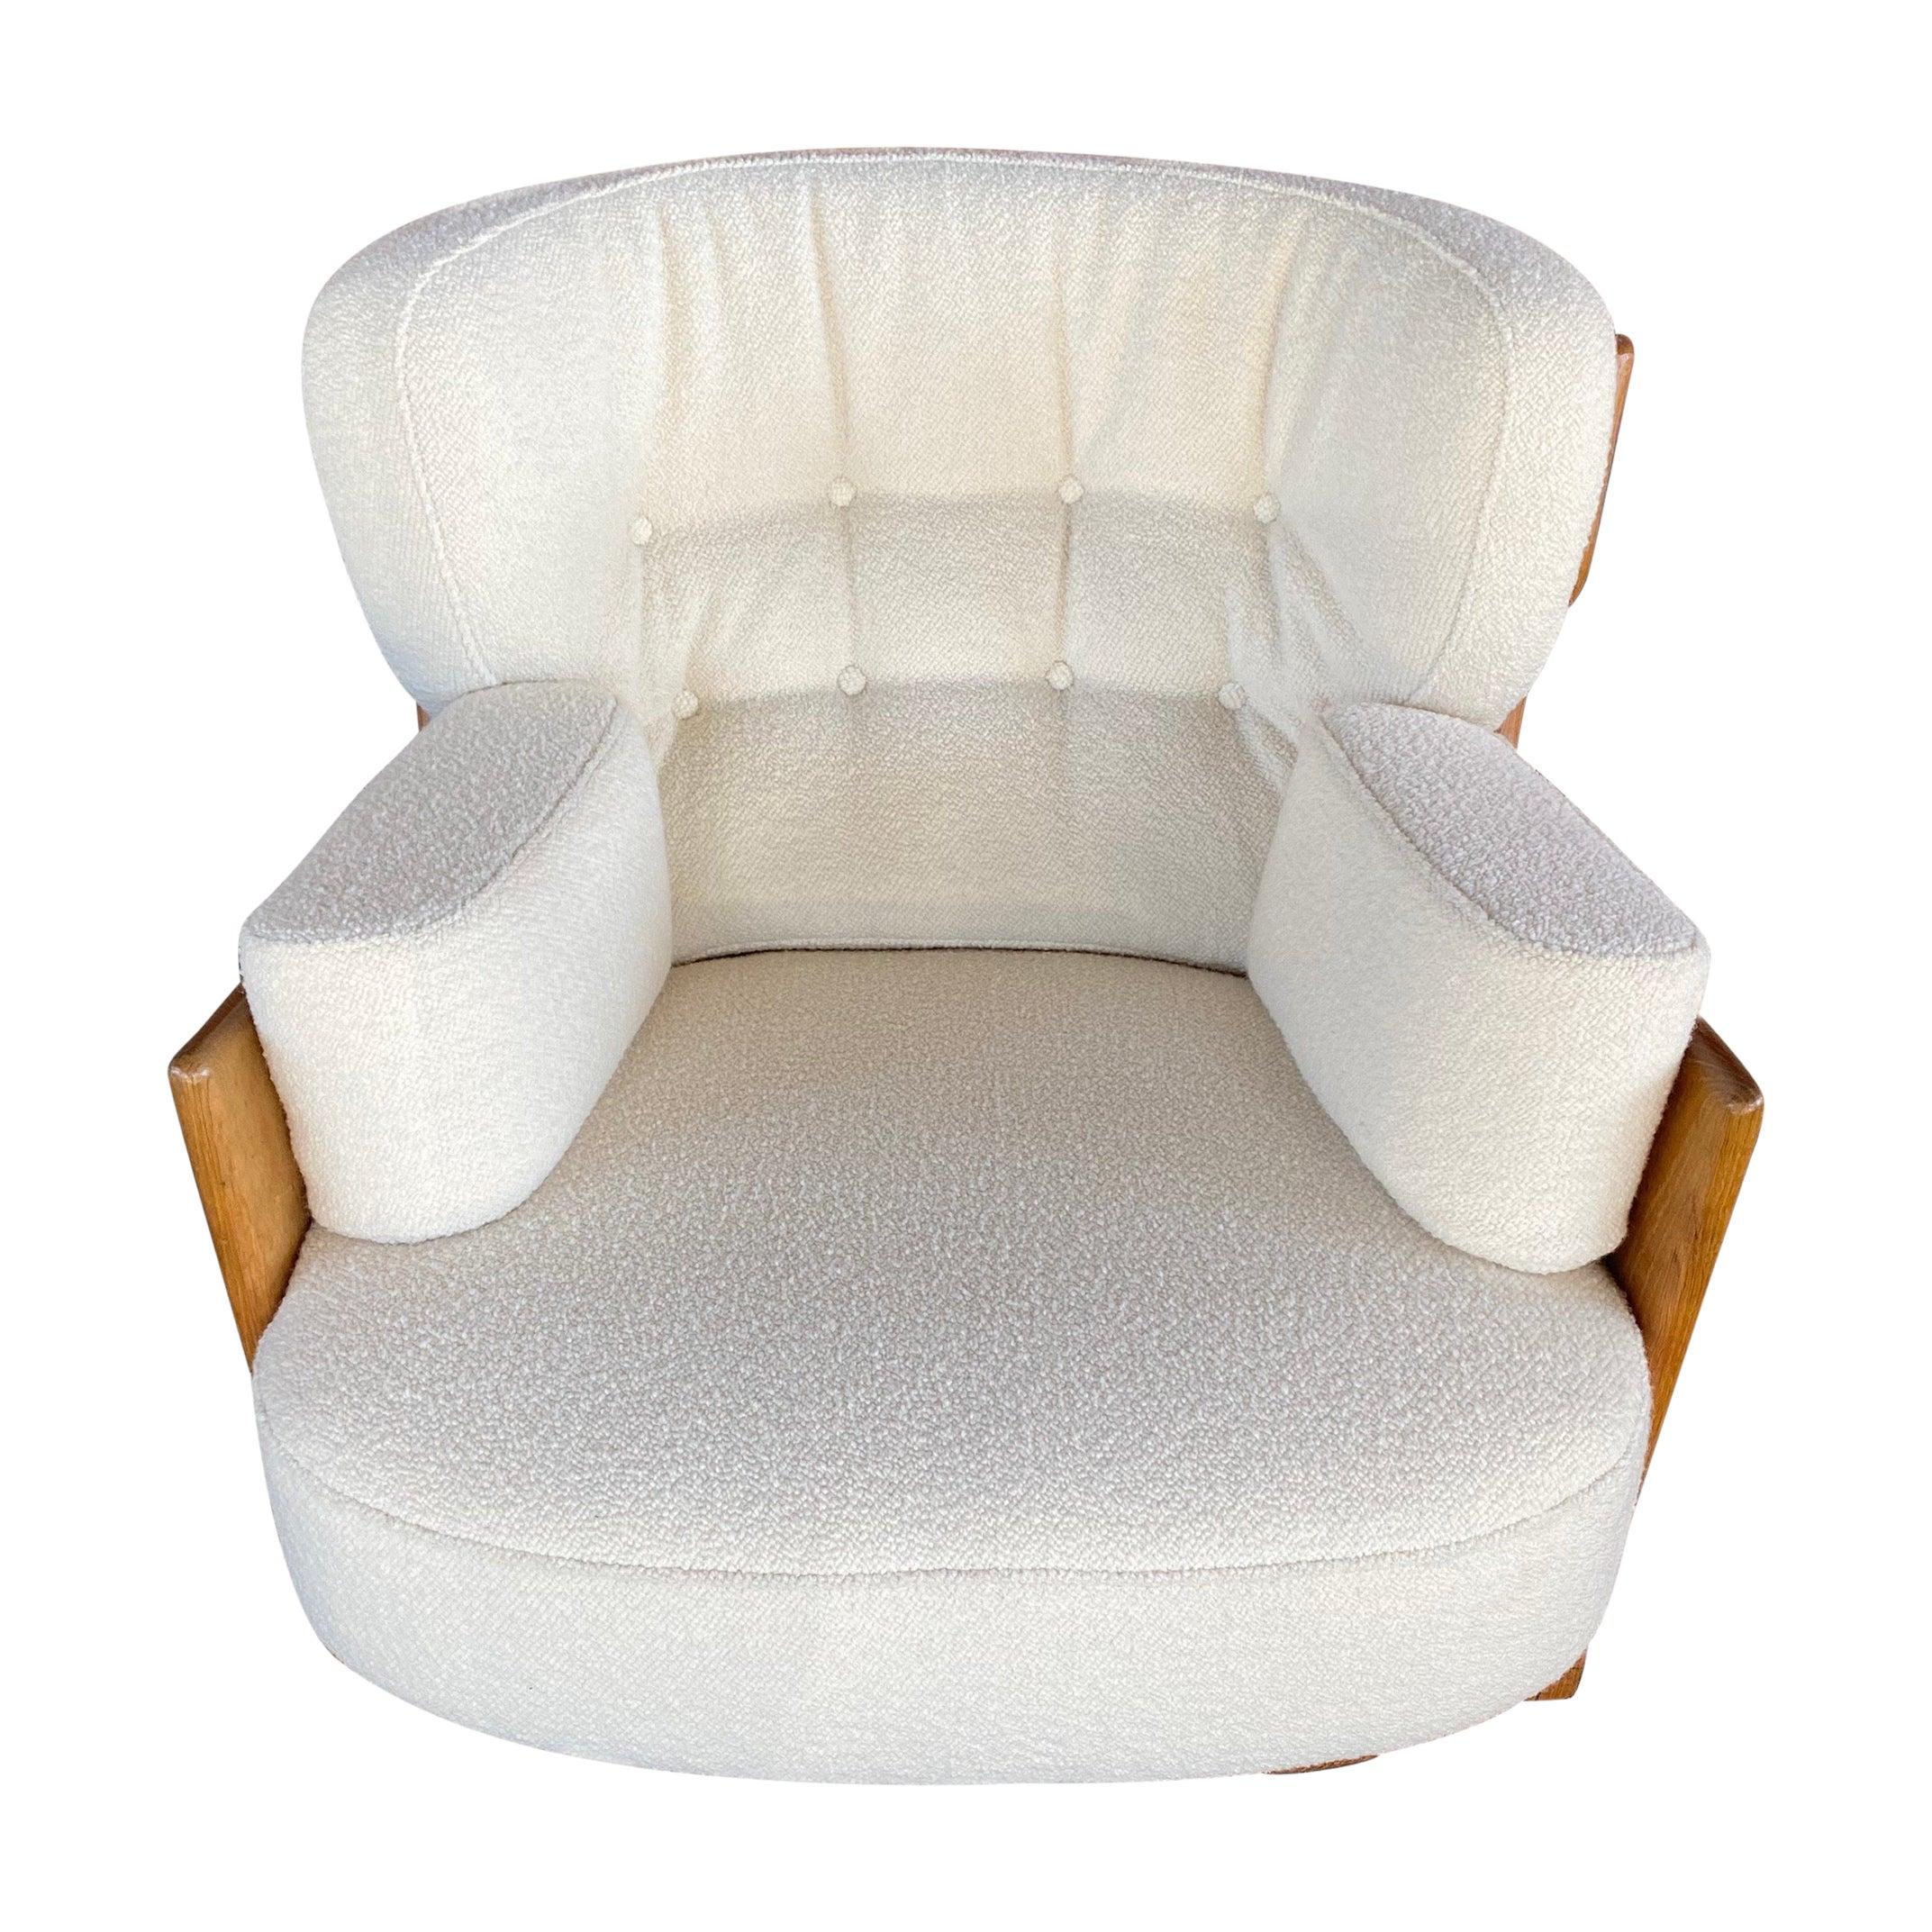 Guillerme & Chambron, Votre Maison, Denis Lounge Chair, Fabric and Oak, 1960s